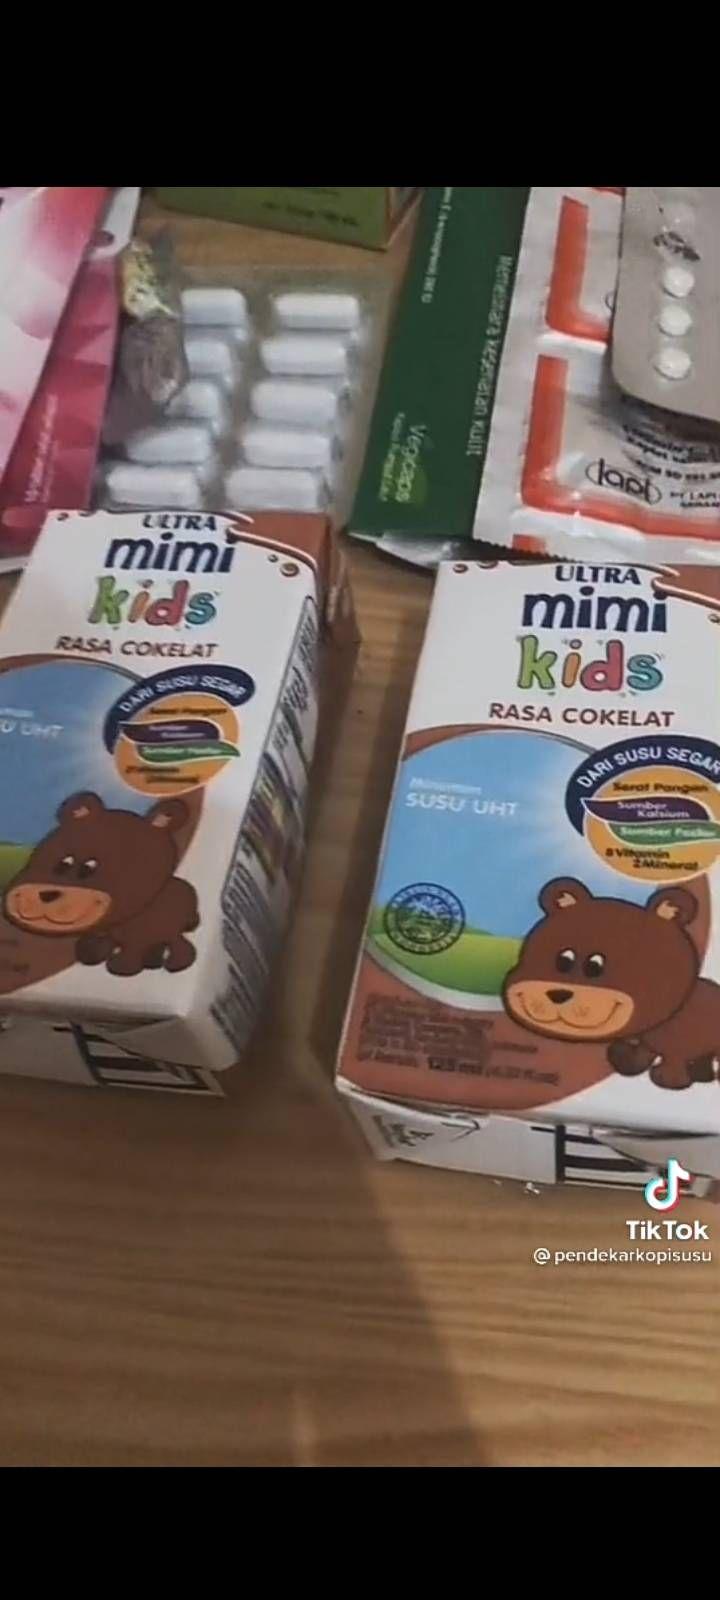 Kocak! Minta Susu Beruang, Netizen Ini Malah Dapat Susu Gambar Beruang